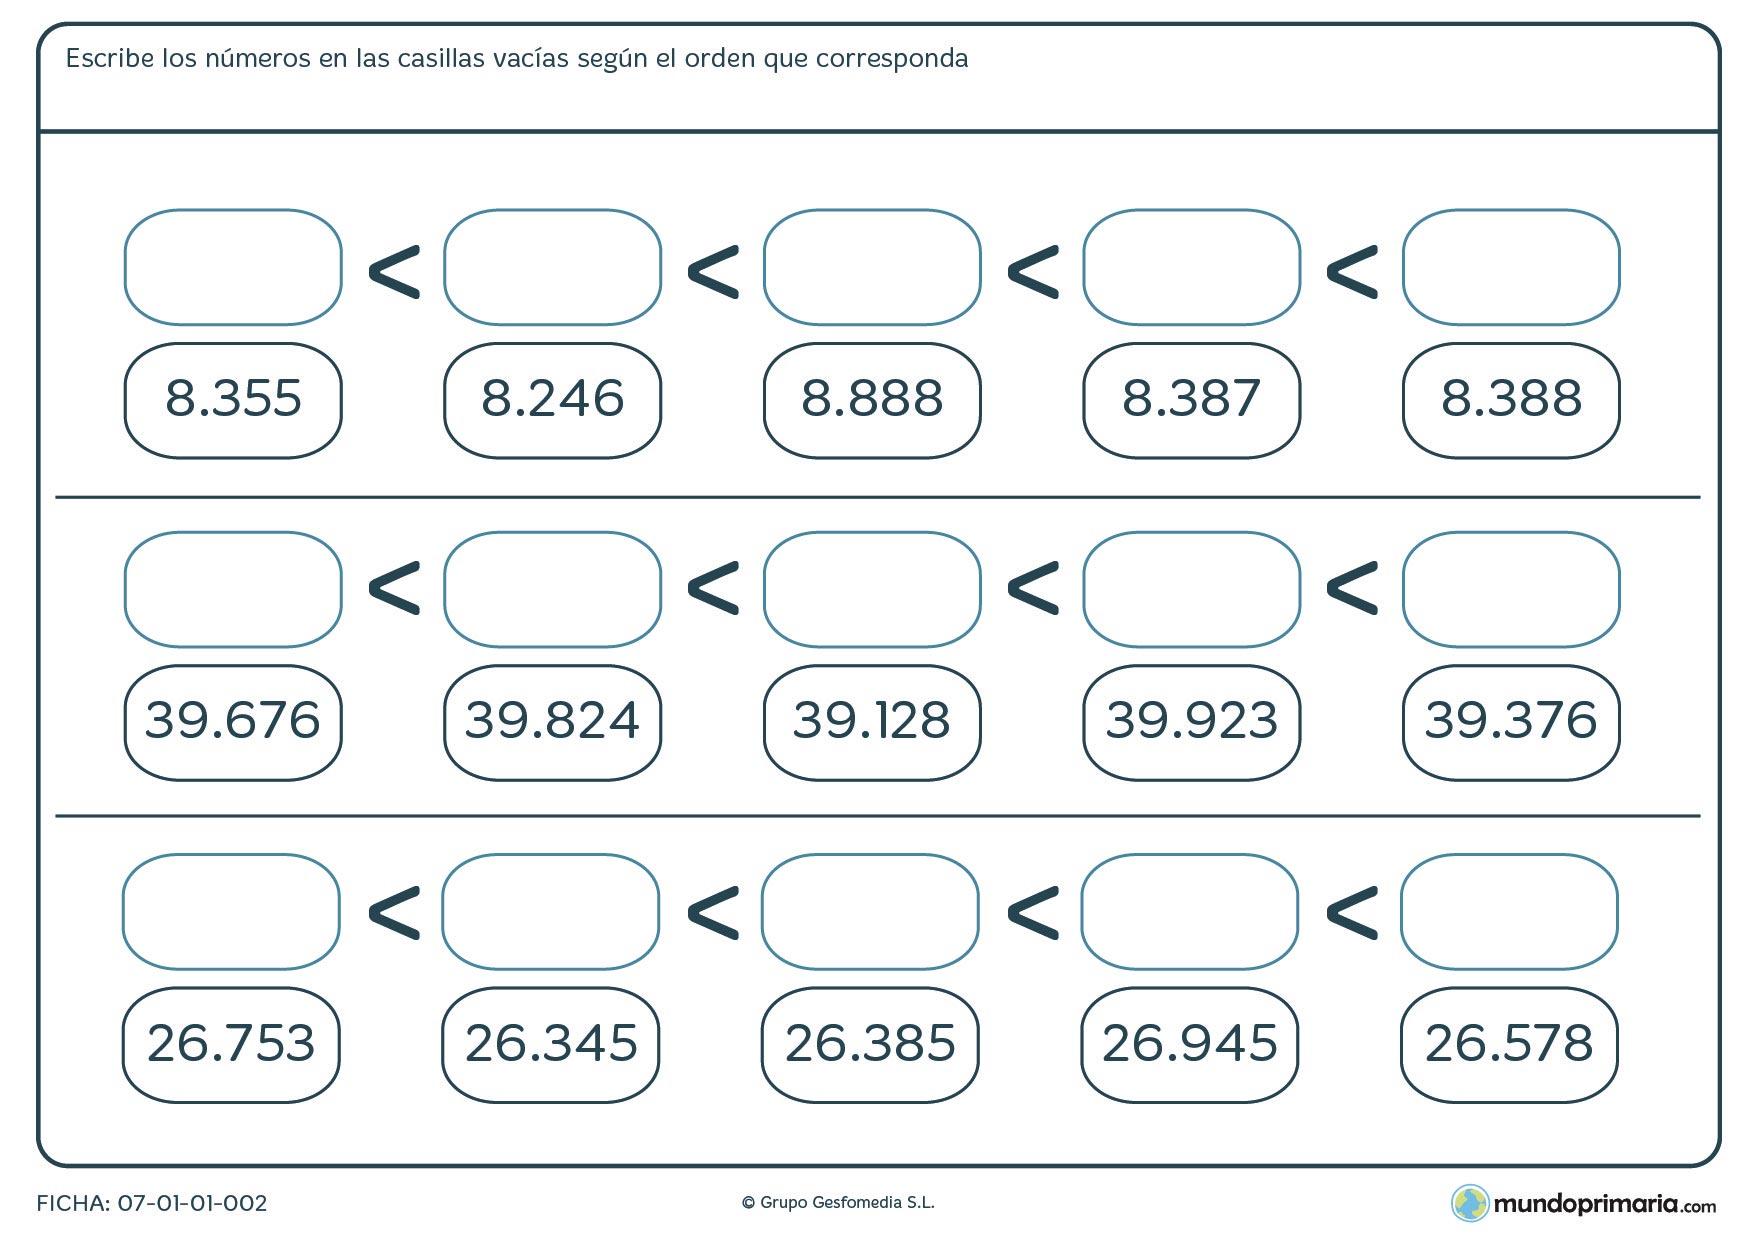 Ficha de escribir números de menor a mayor rellenando las casillas vacías en orden correcto.